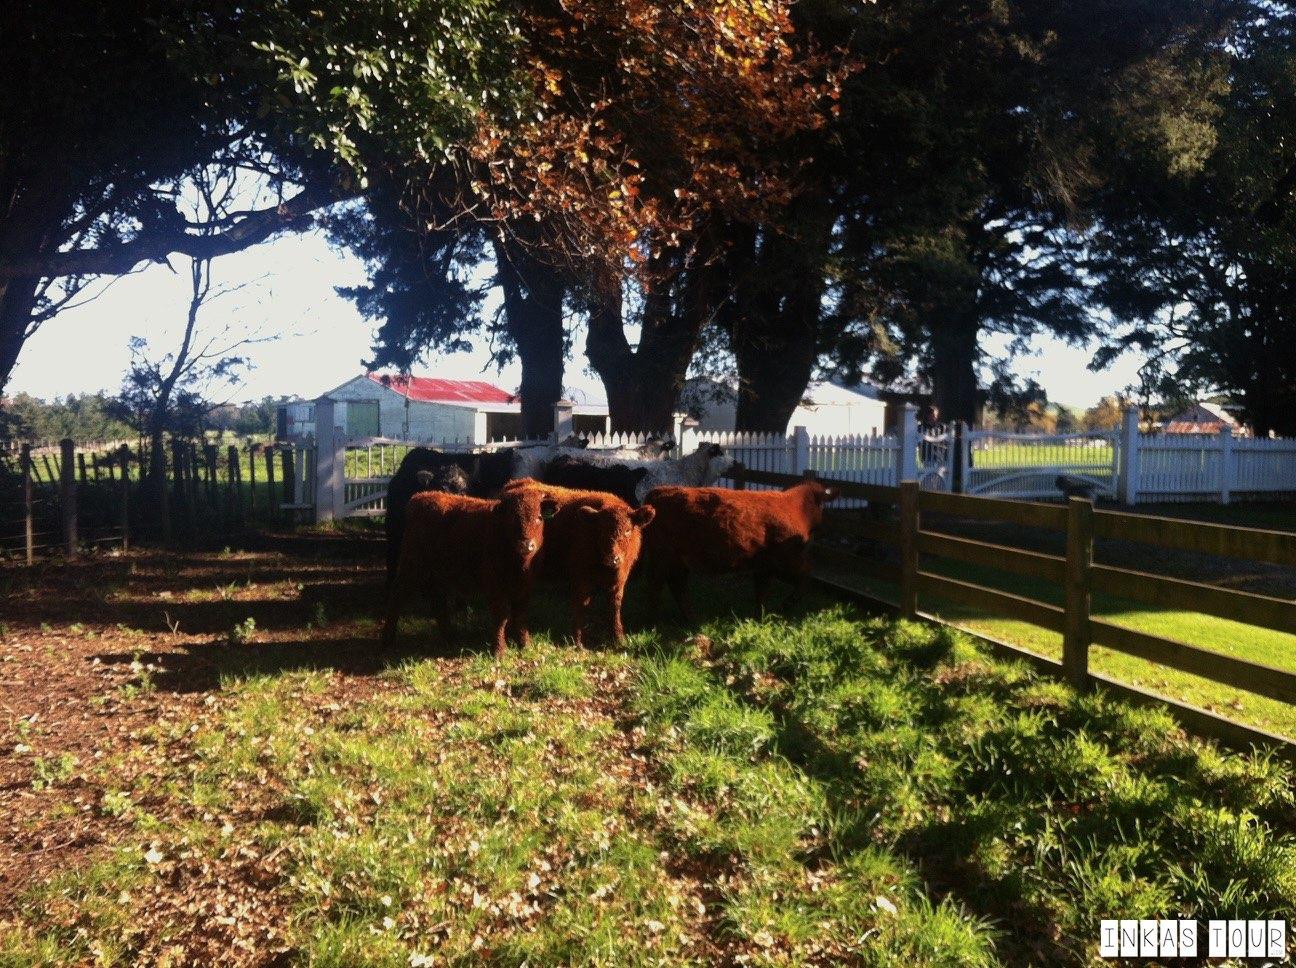 Fielding Livestock market as a Vegetarian